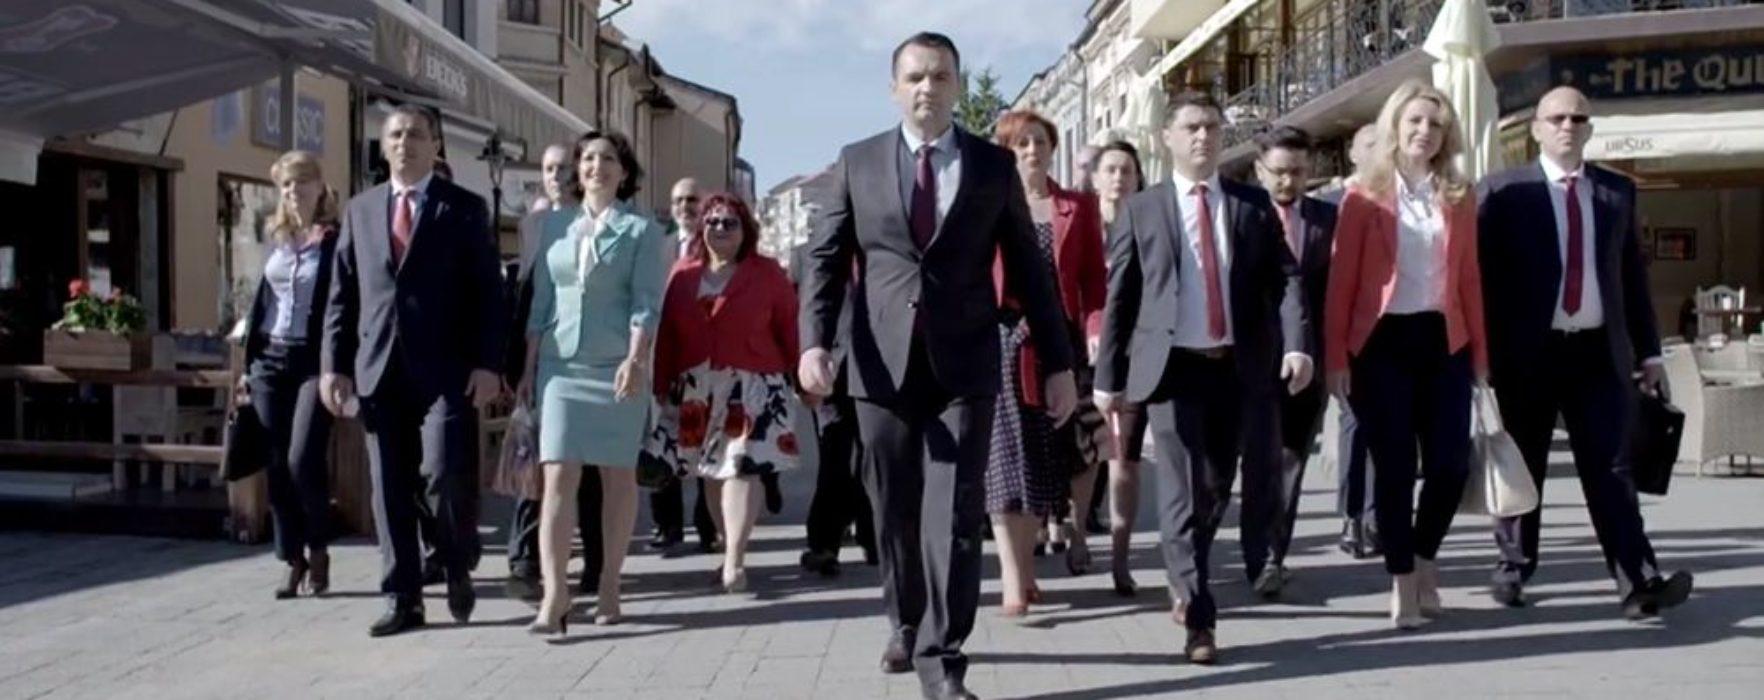 Clip de promovare a candidaţilor PSD la Primăria Târgovişte